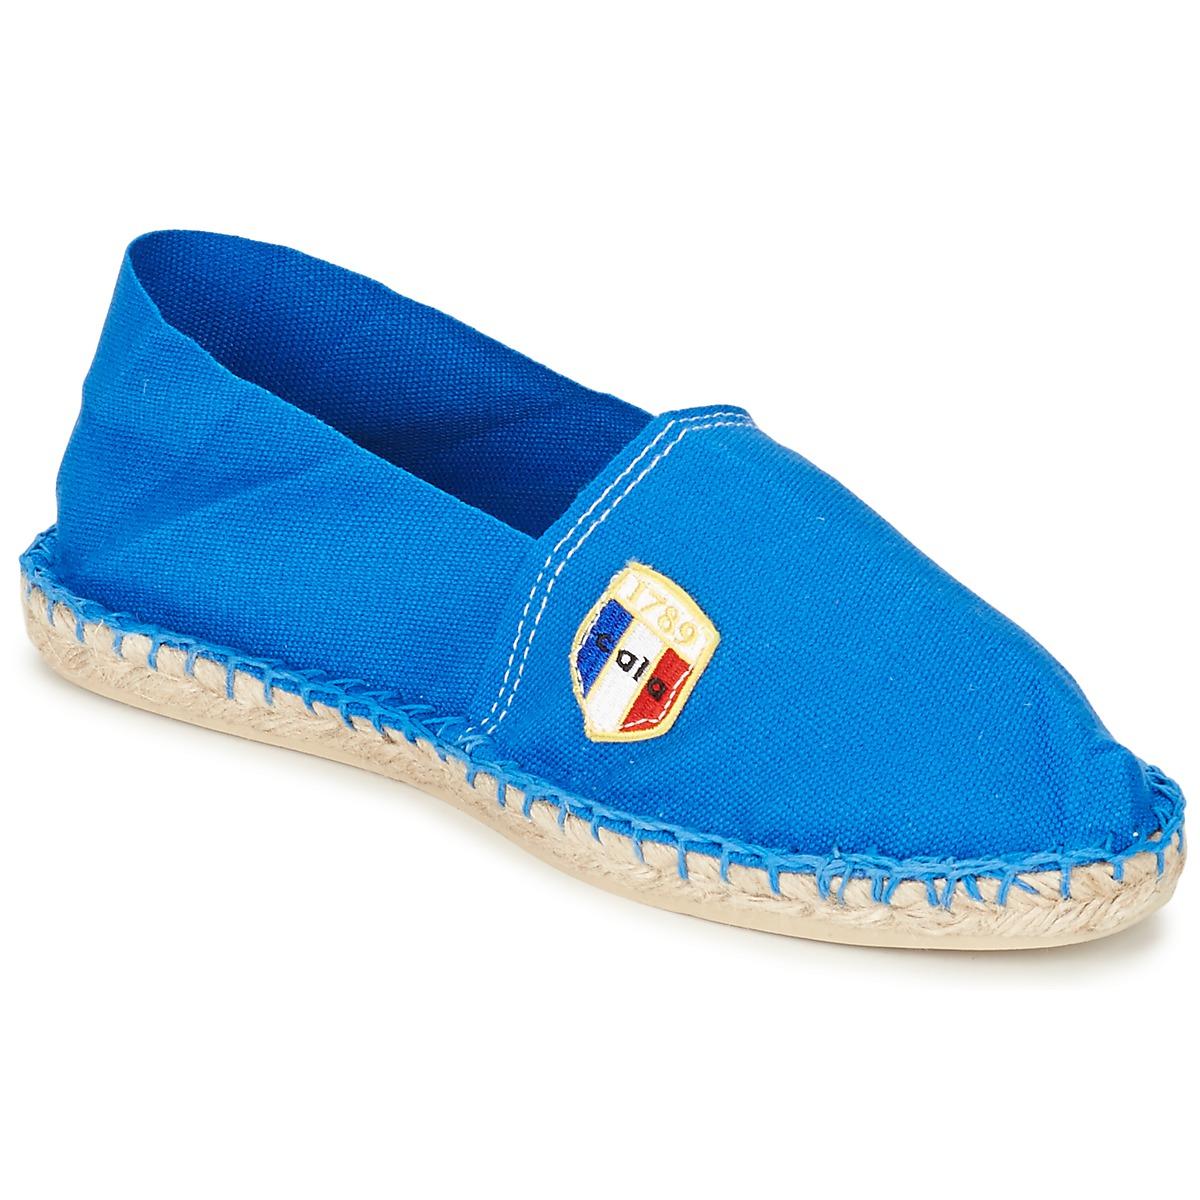 1789 Cala UNIE BLEU Blau - Kostenloser Versand bei Spartoode ! - Schuhe Leinen-Pantoletten mit gefloch  24,49 €